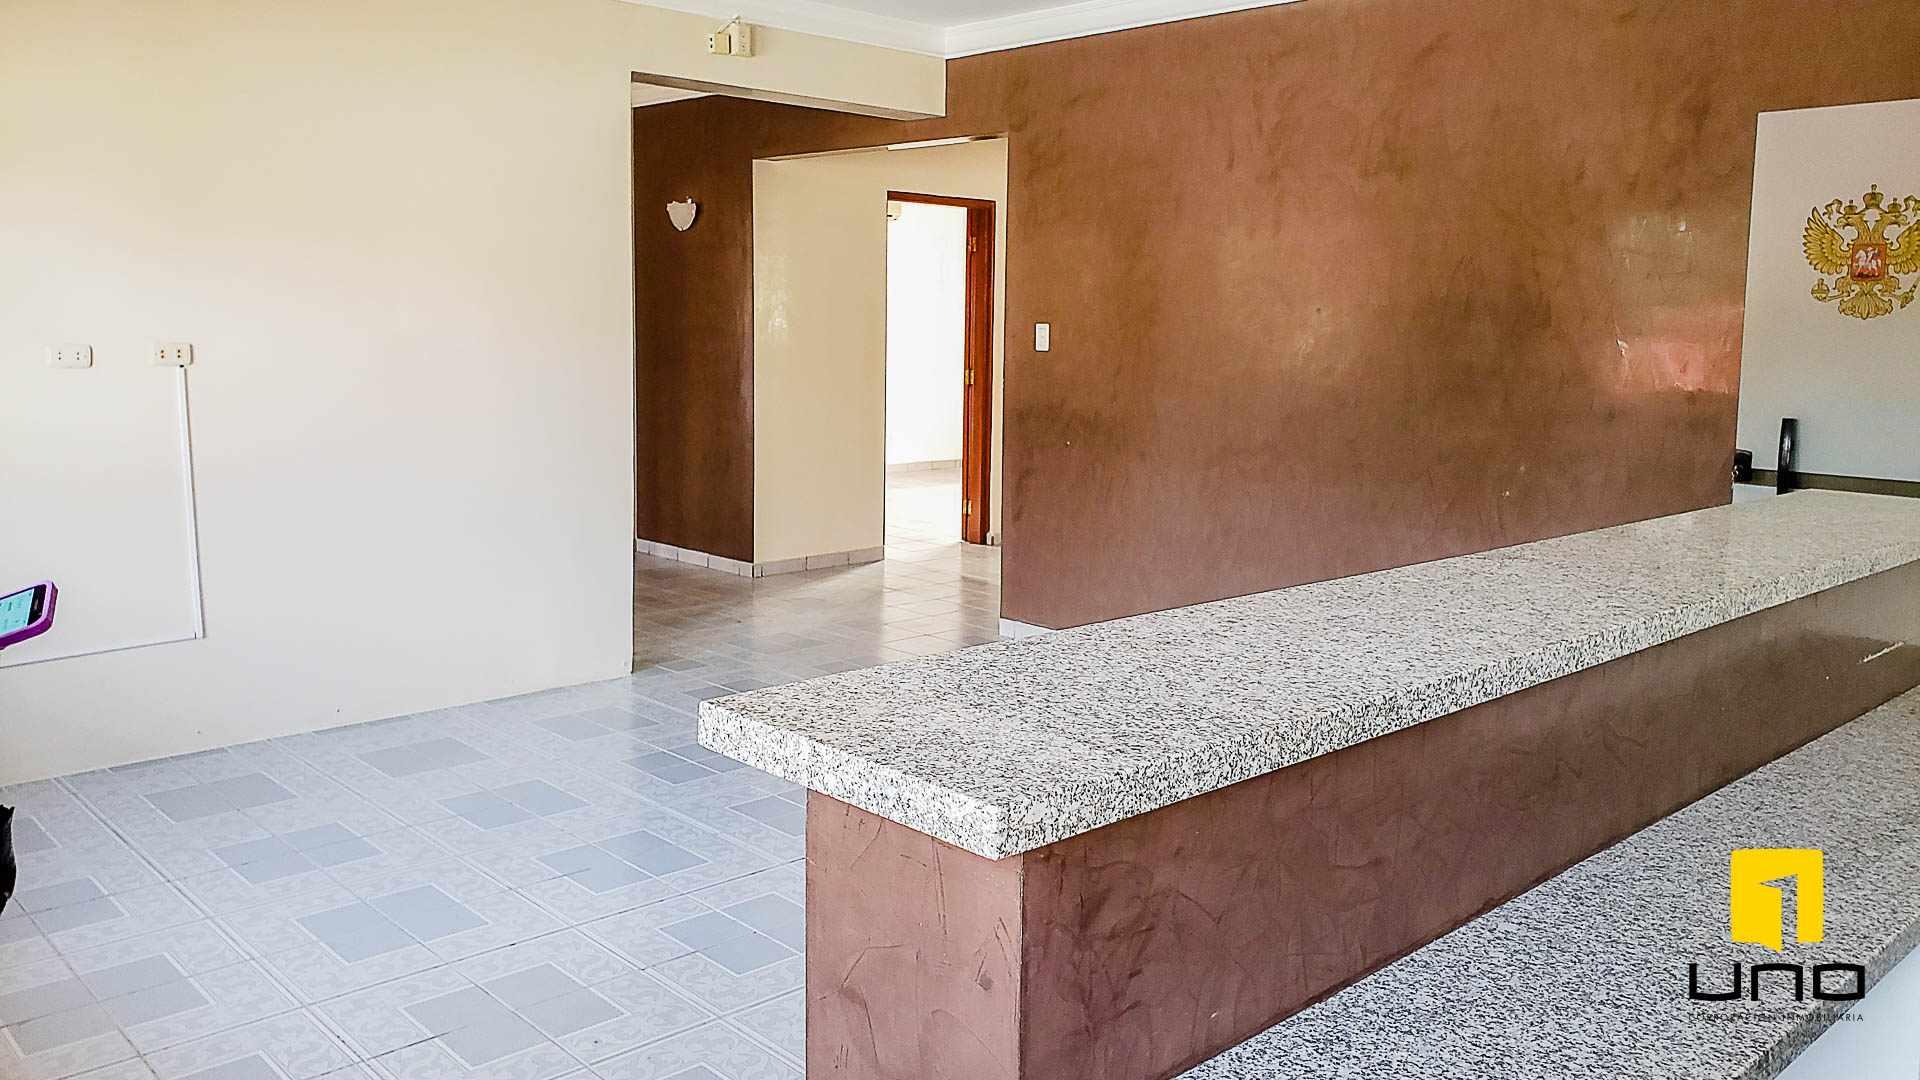 Casa en Alquiler BARRIO EQUIPETROL ALQUILO AMPLIA CASA PARA OFICINAS Foto 9